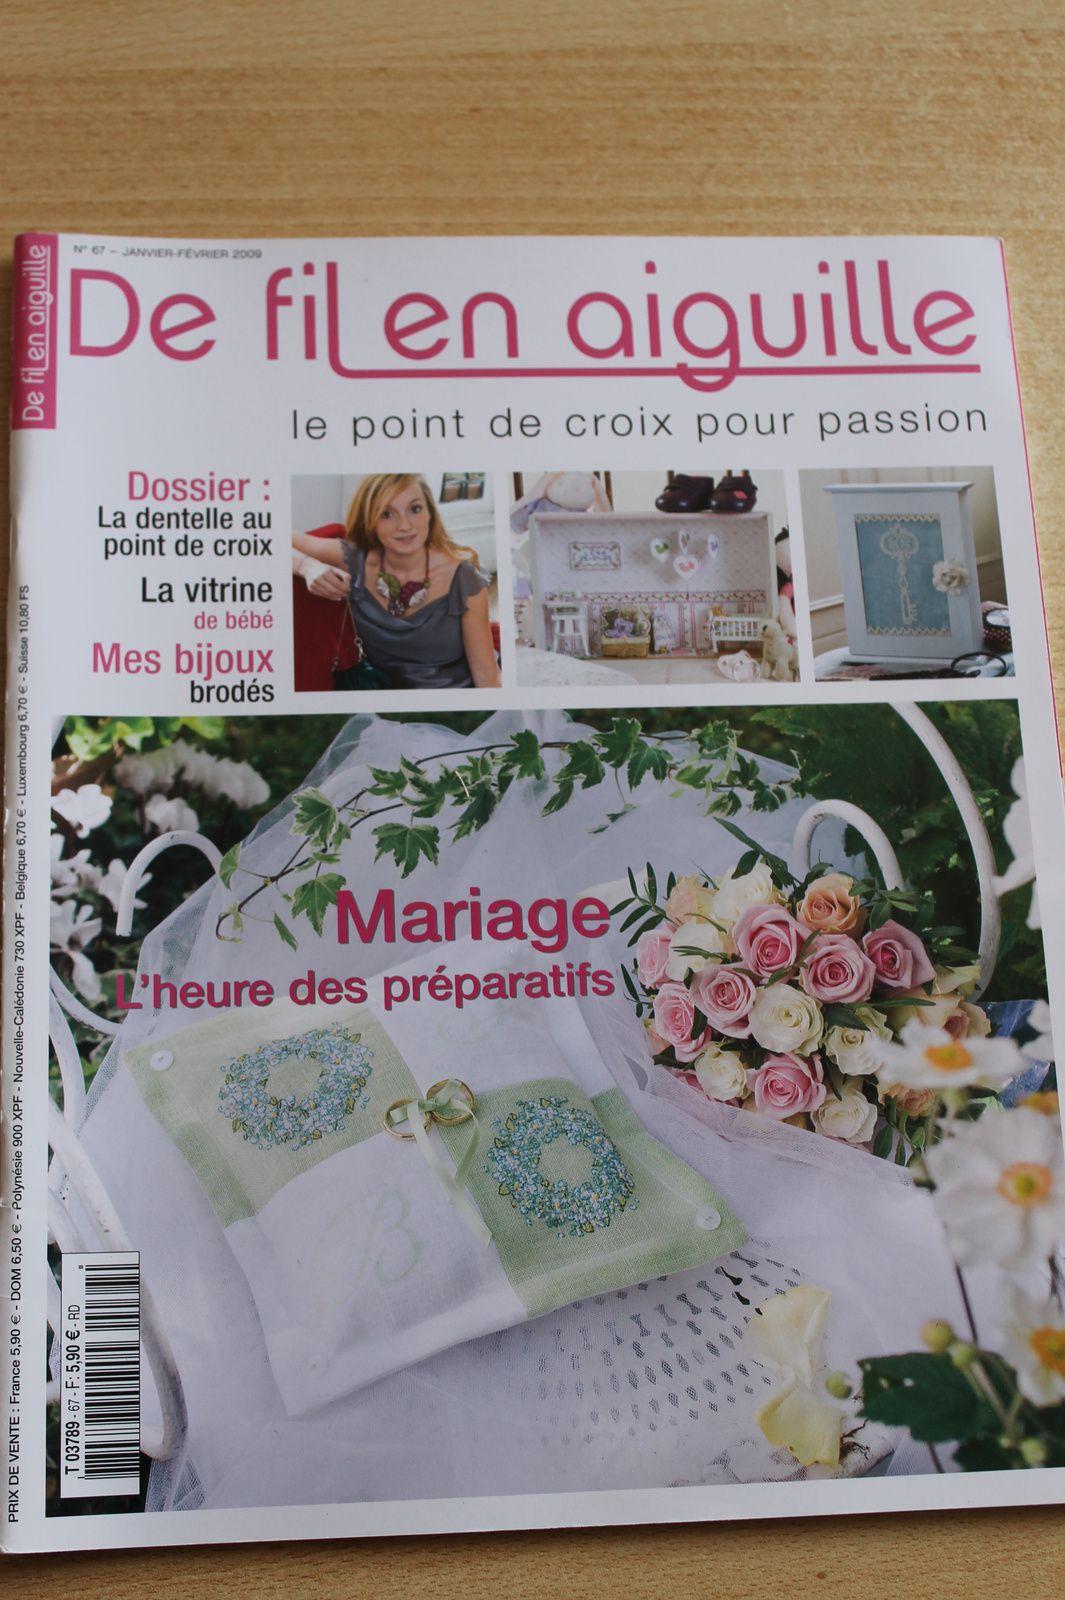 De fil en aiguille n°67 janvier-février 2009